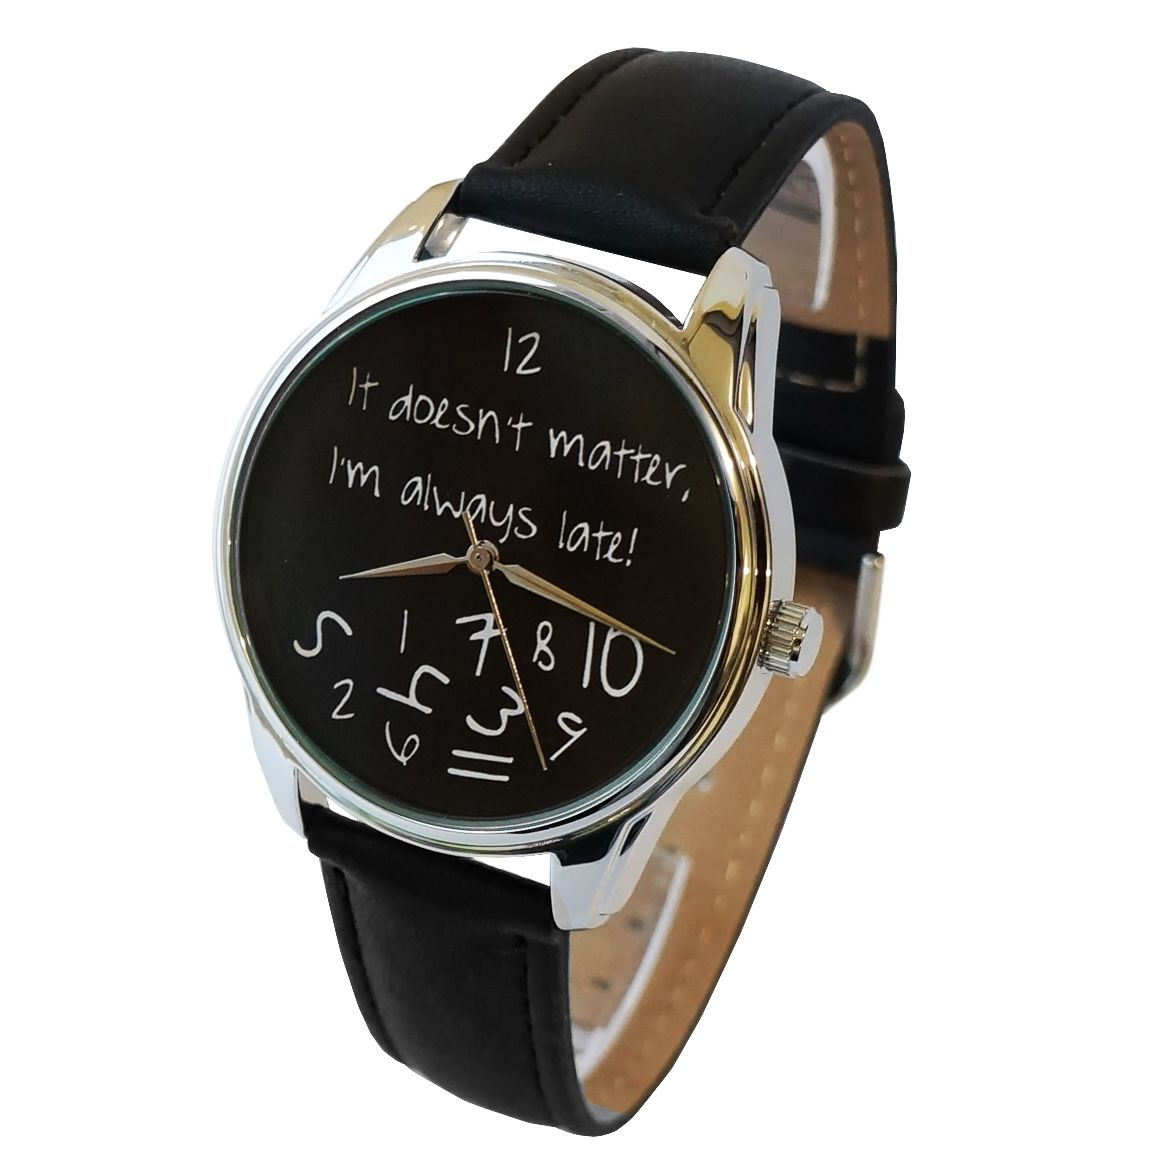 'It doesn't matter, I'm always late!' Wristwatch - Black | ZIZ iz TIME